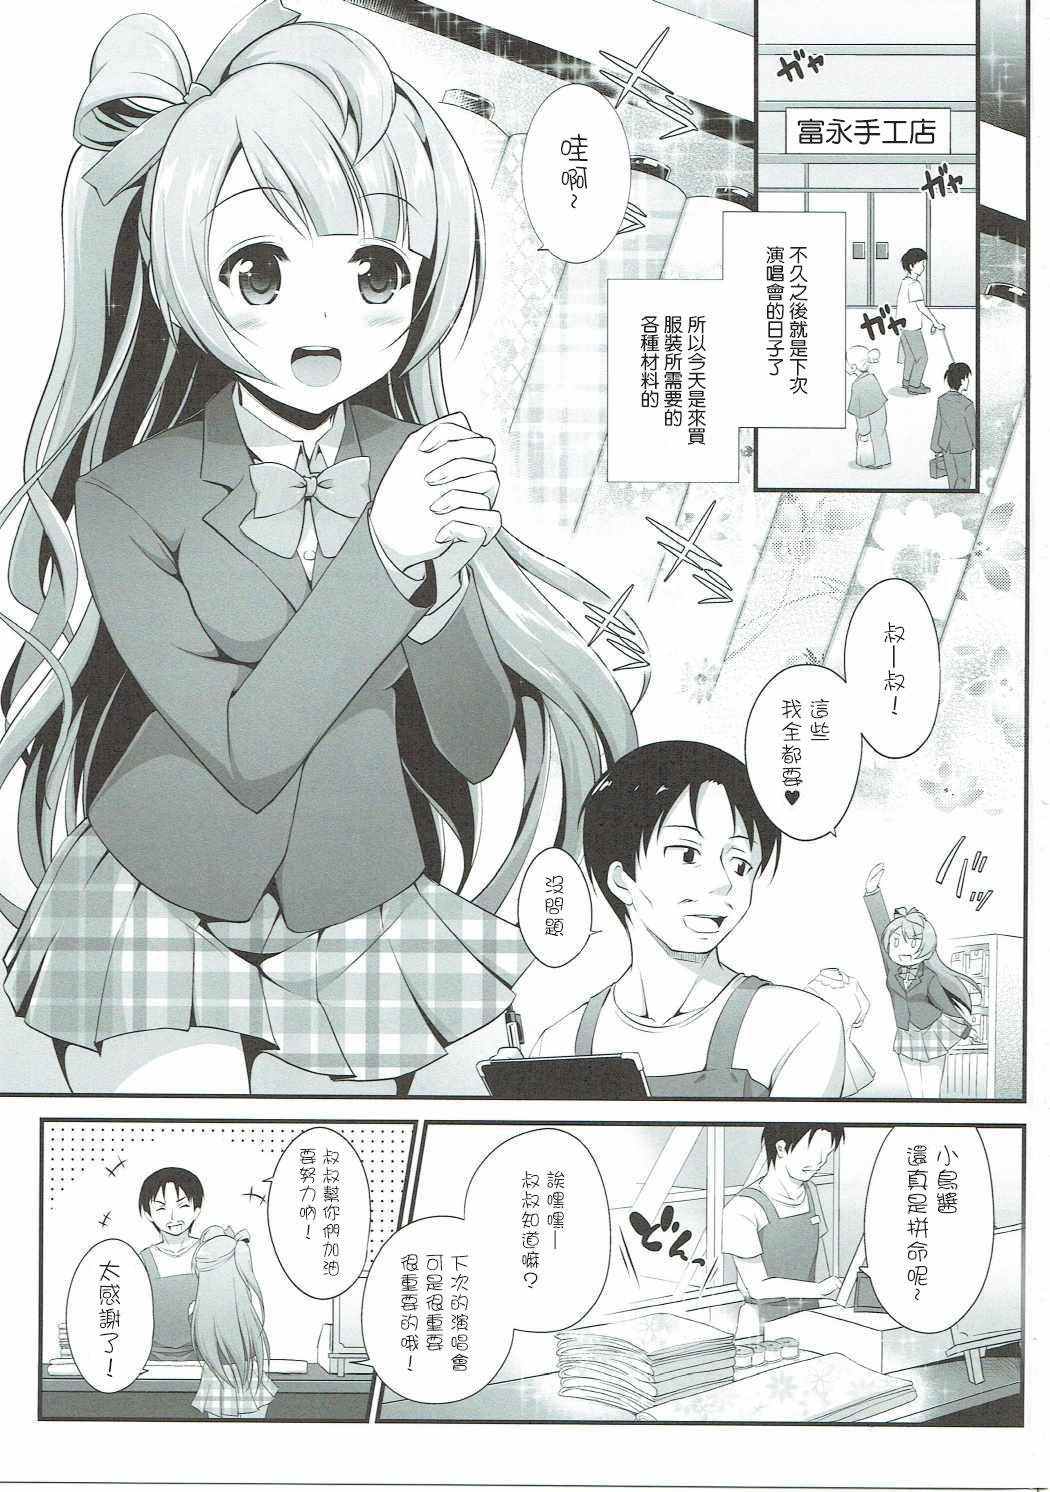 Ojisan no Onegai o Kotowarenai Kotori-chan 2